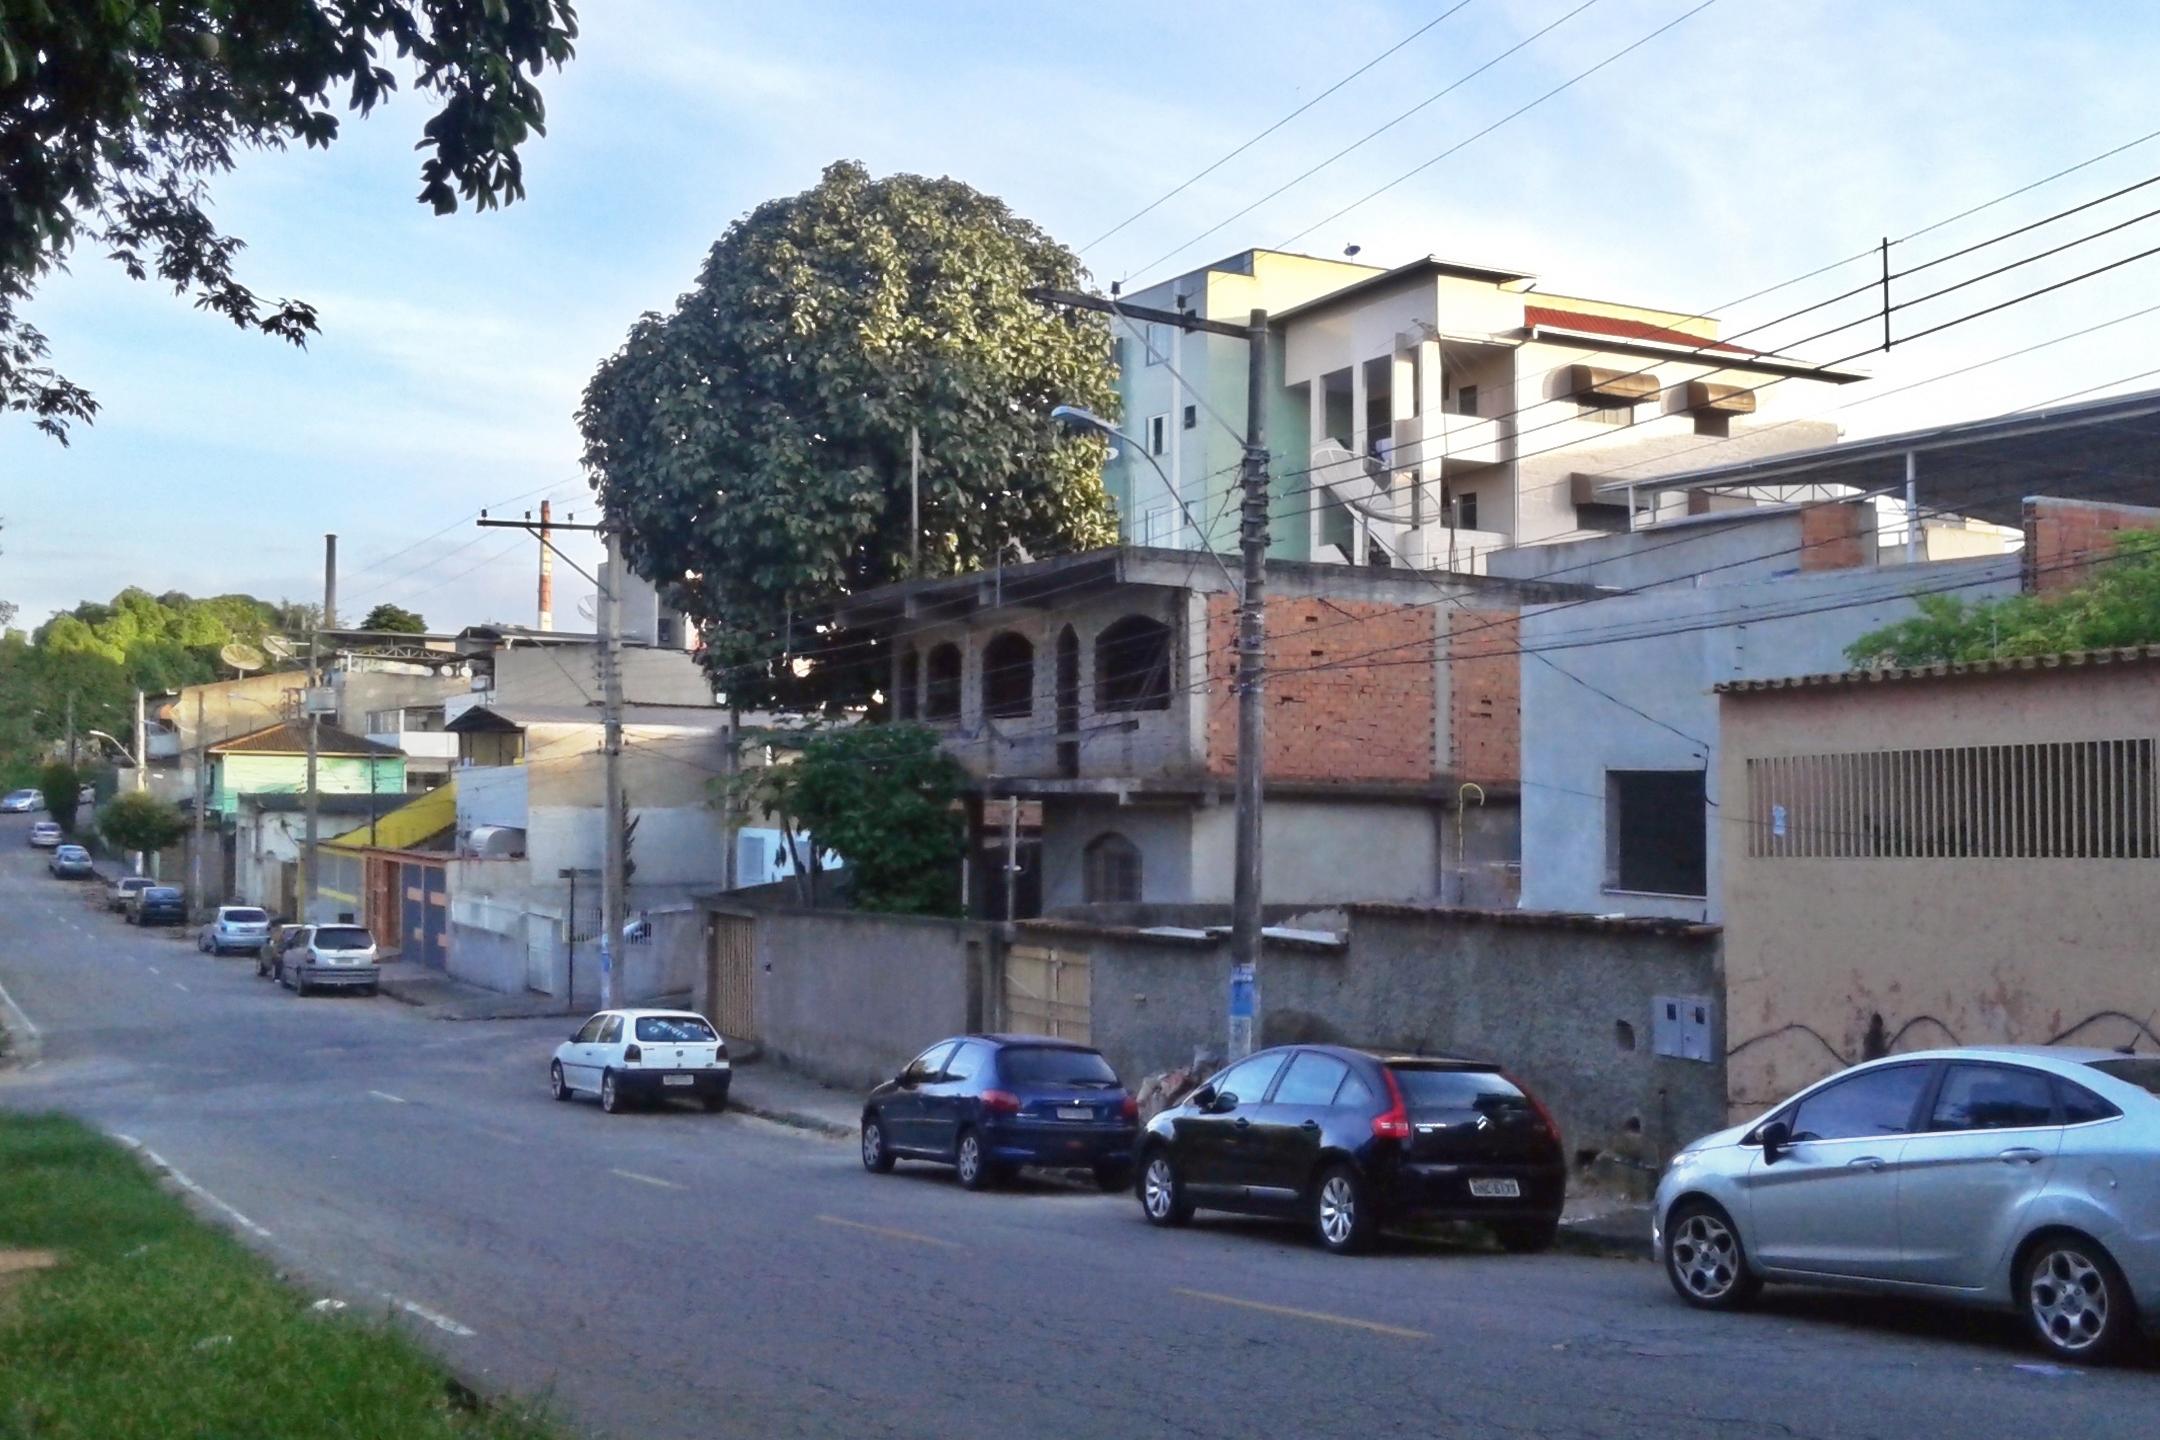 Novo Cruzeiro Minas Gerais fonte: upload.wikimedia.org